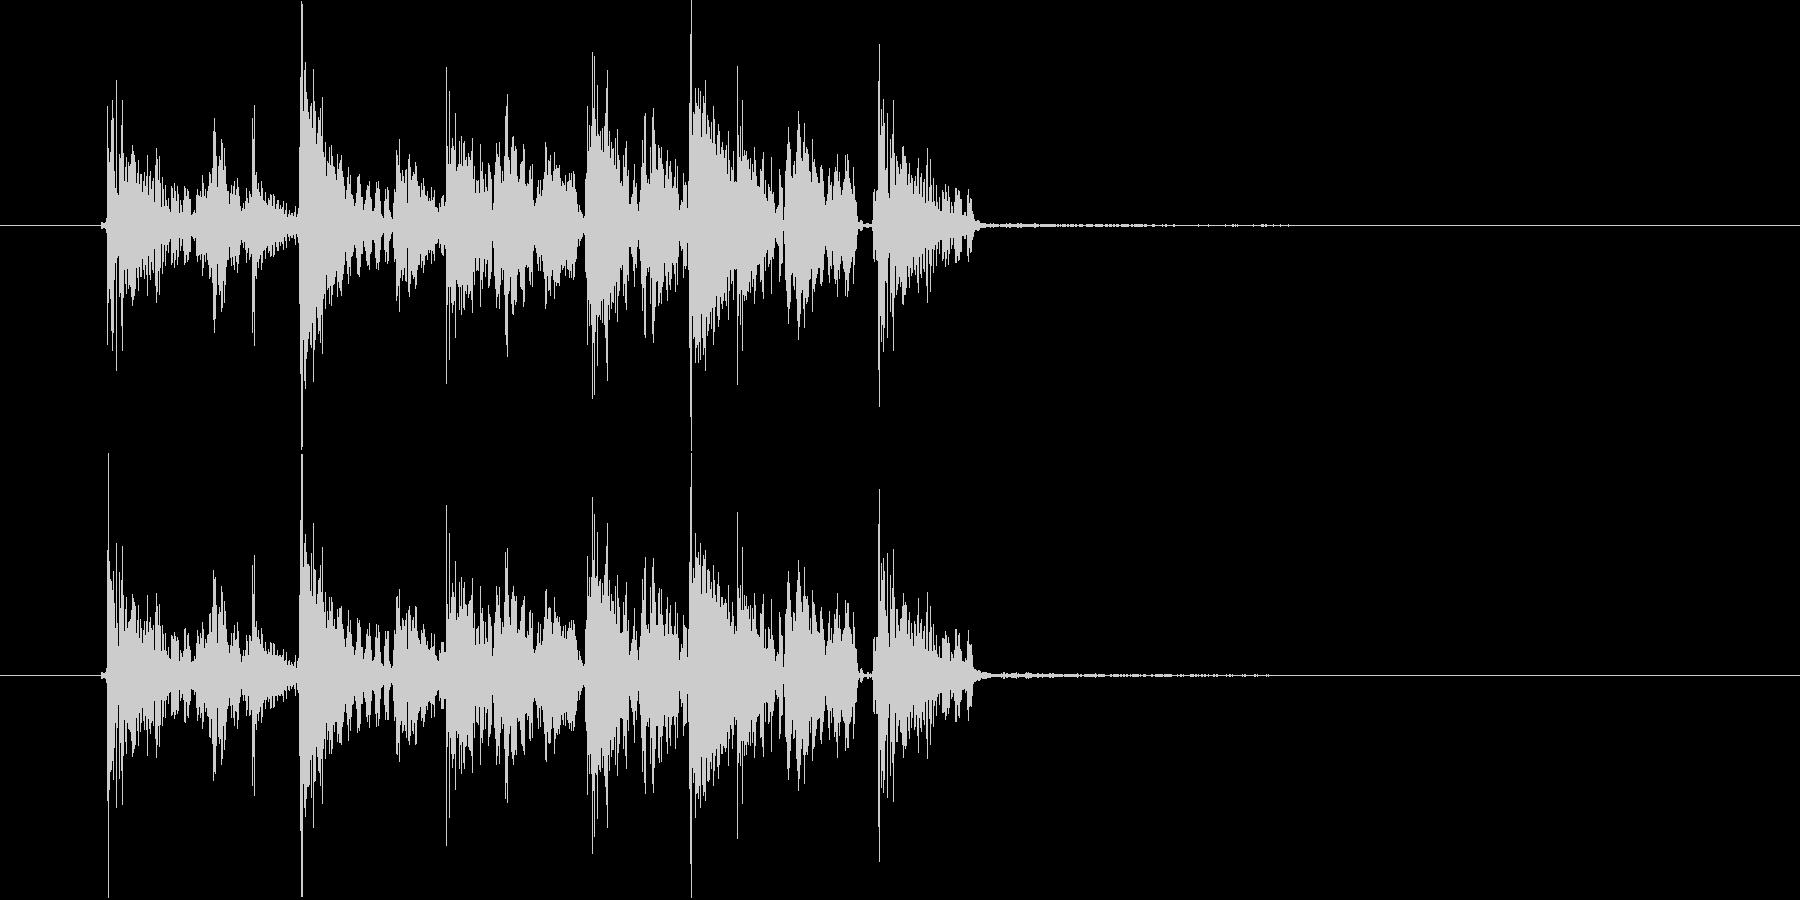 ズンズカズンズカピリリリ(ゲーム音)の未再生の波形